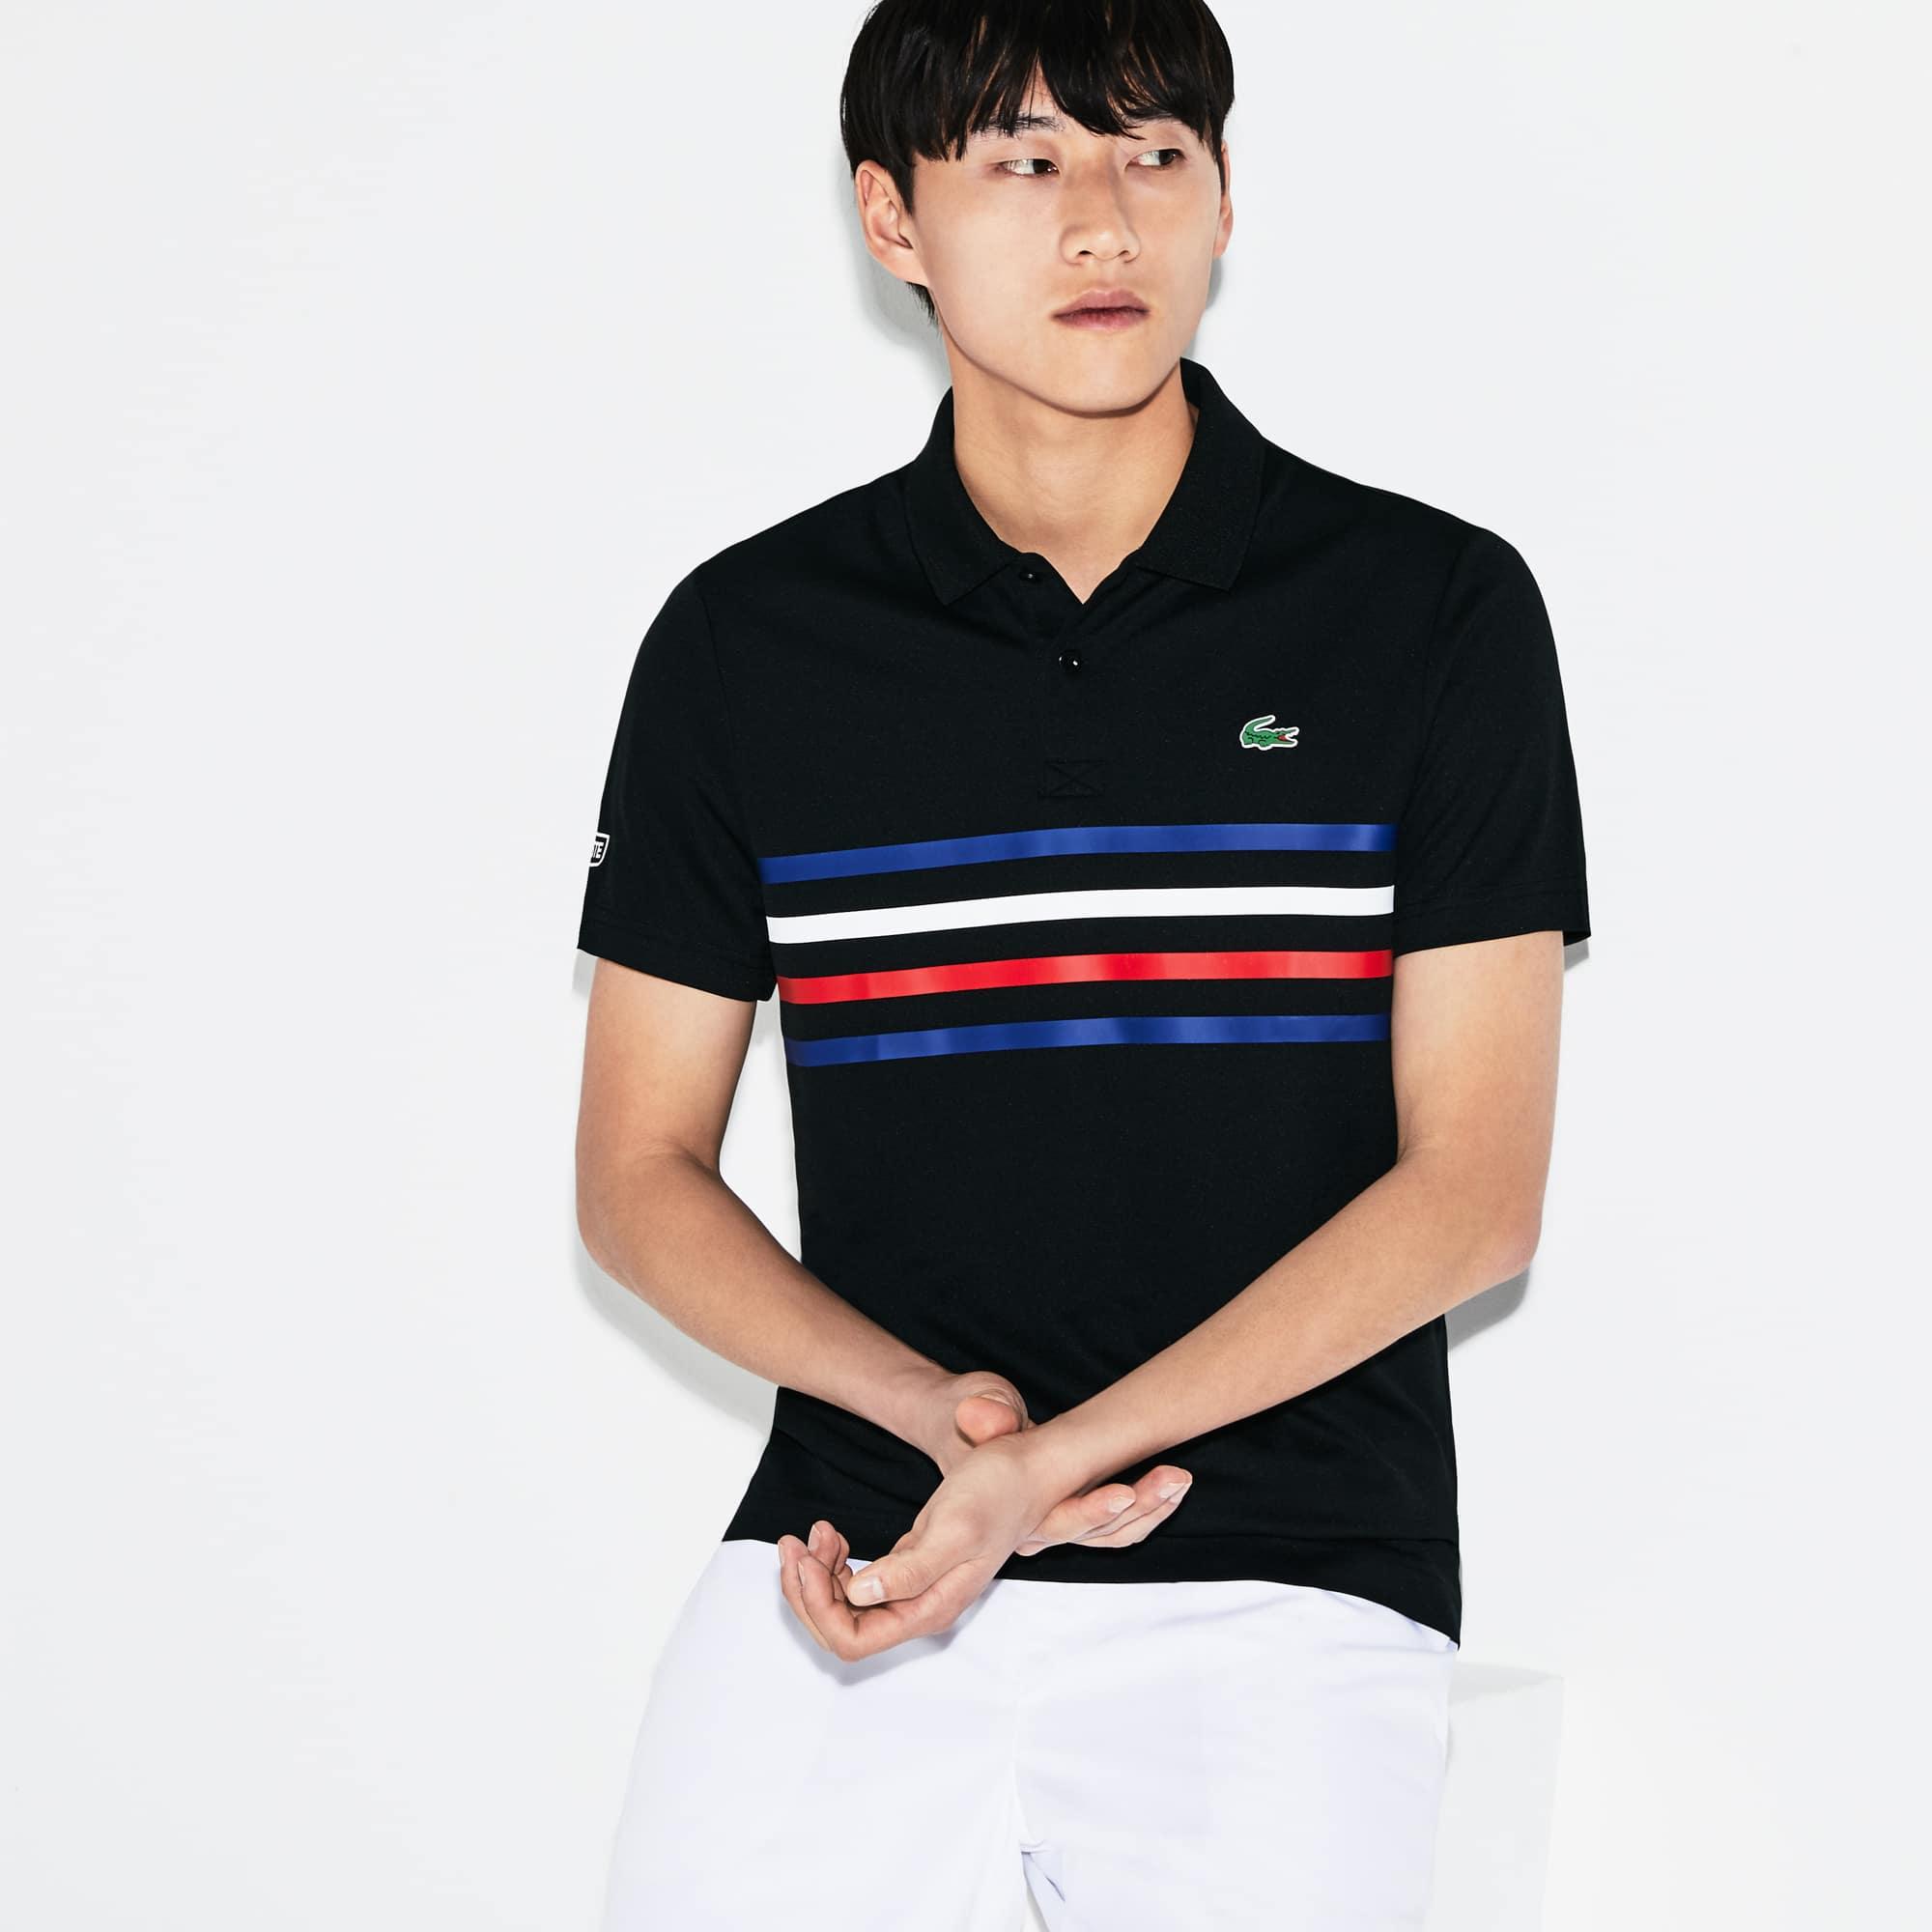 Camisa Polo Lacoste Sport Tennis Masculina em Piqué Técnico com Faixas Coloridas